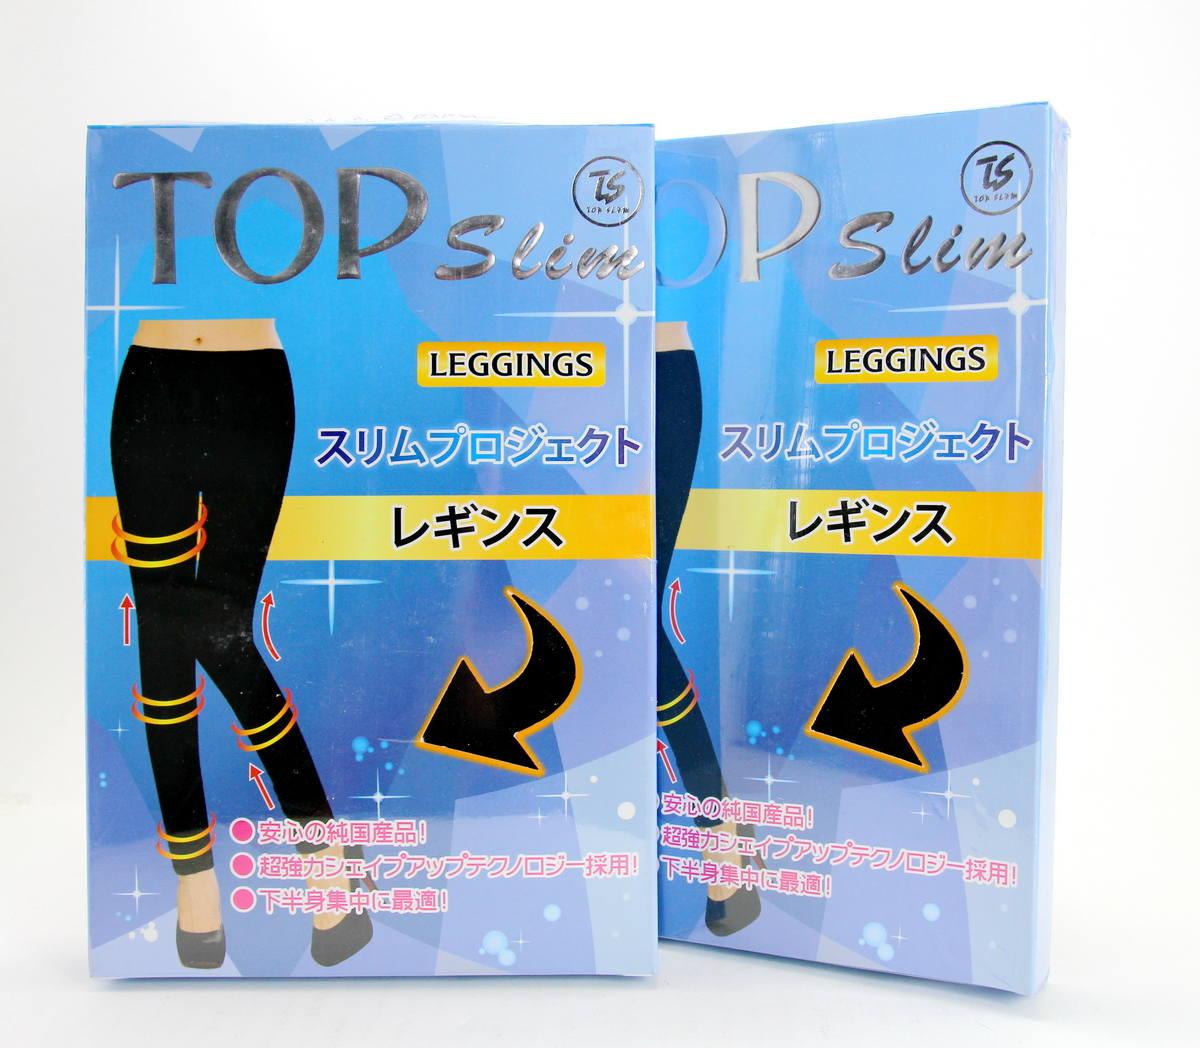 Top Slim Leggings เลคกิ้ง ท็อป สลิม 1@350